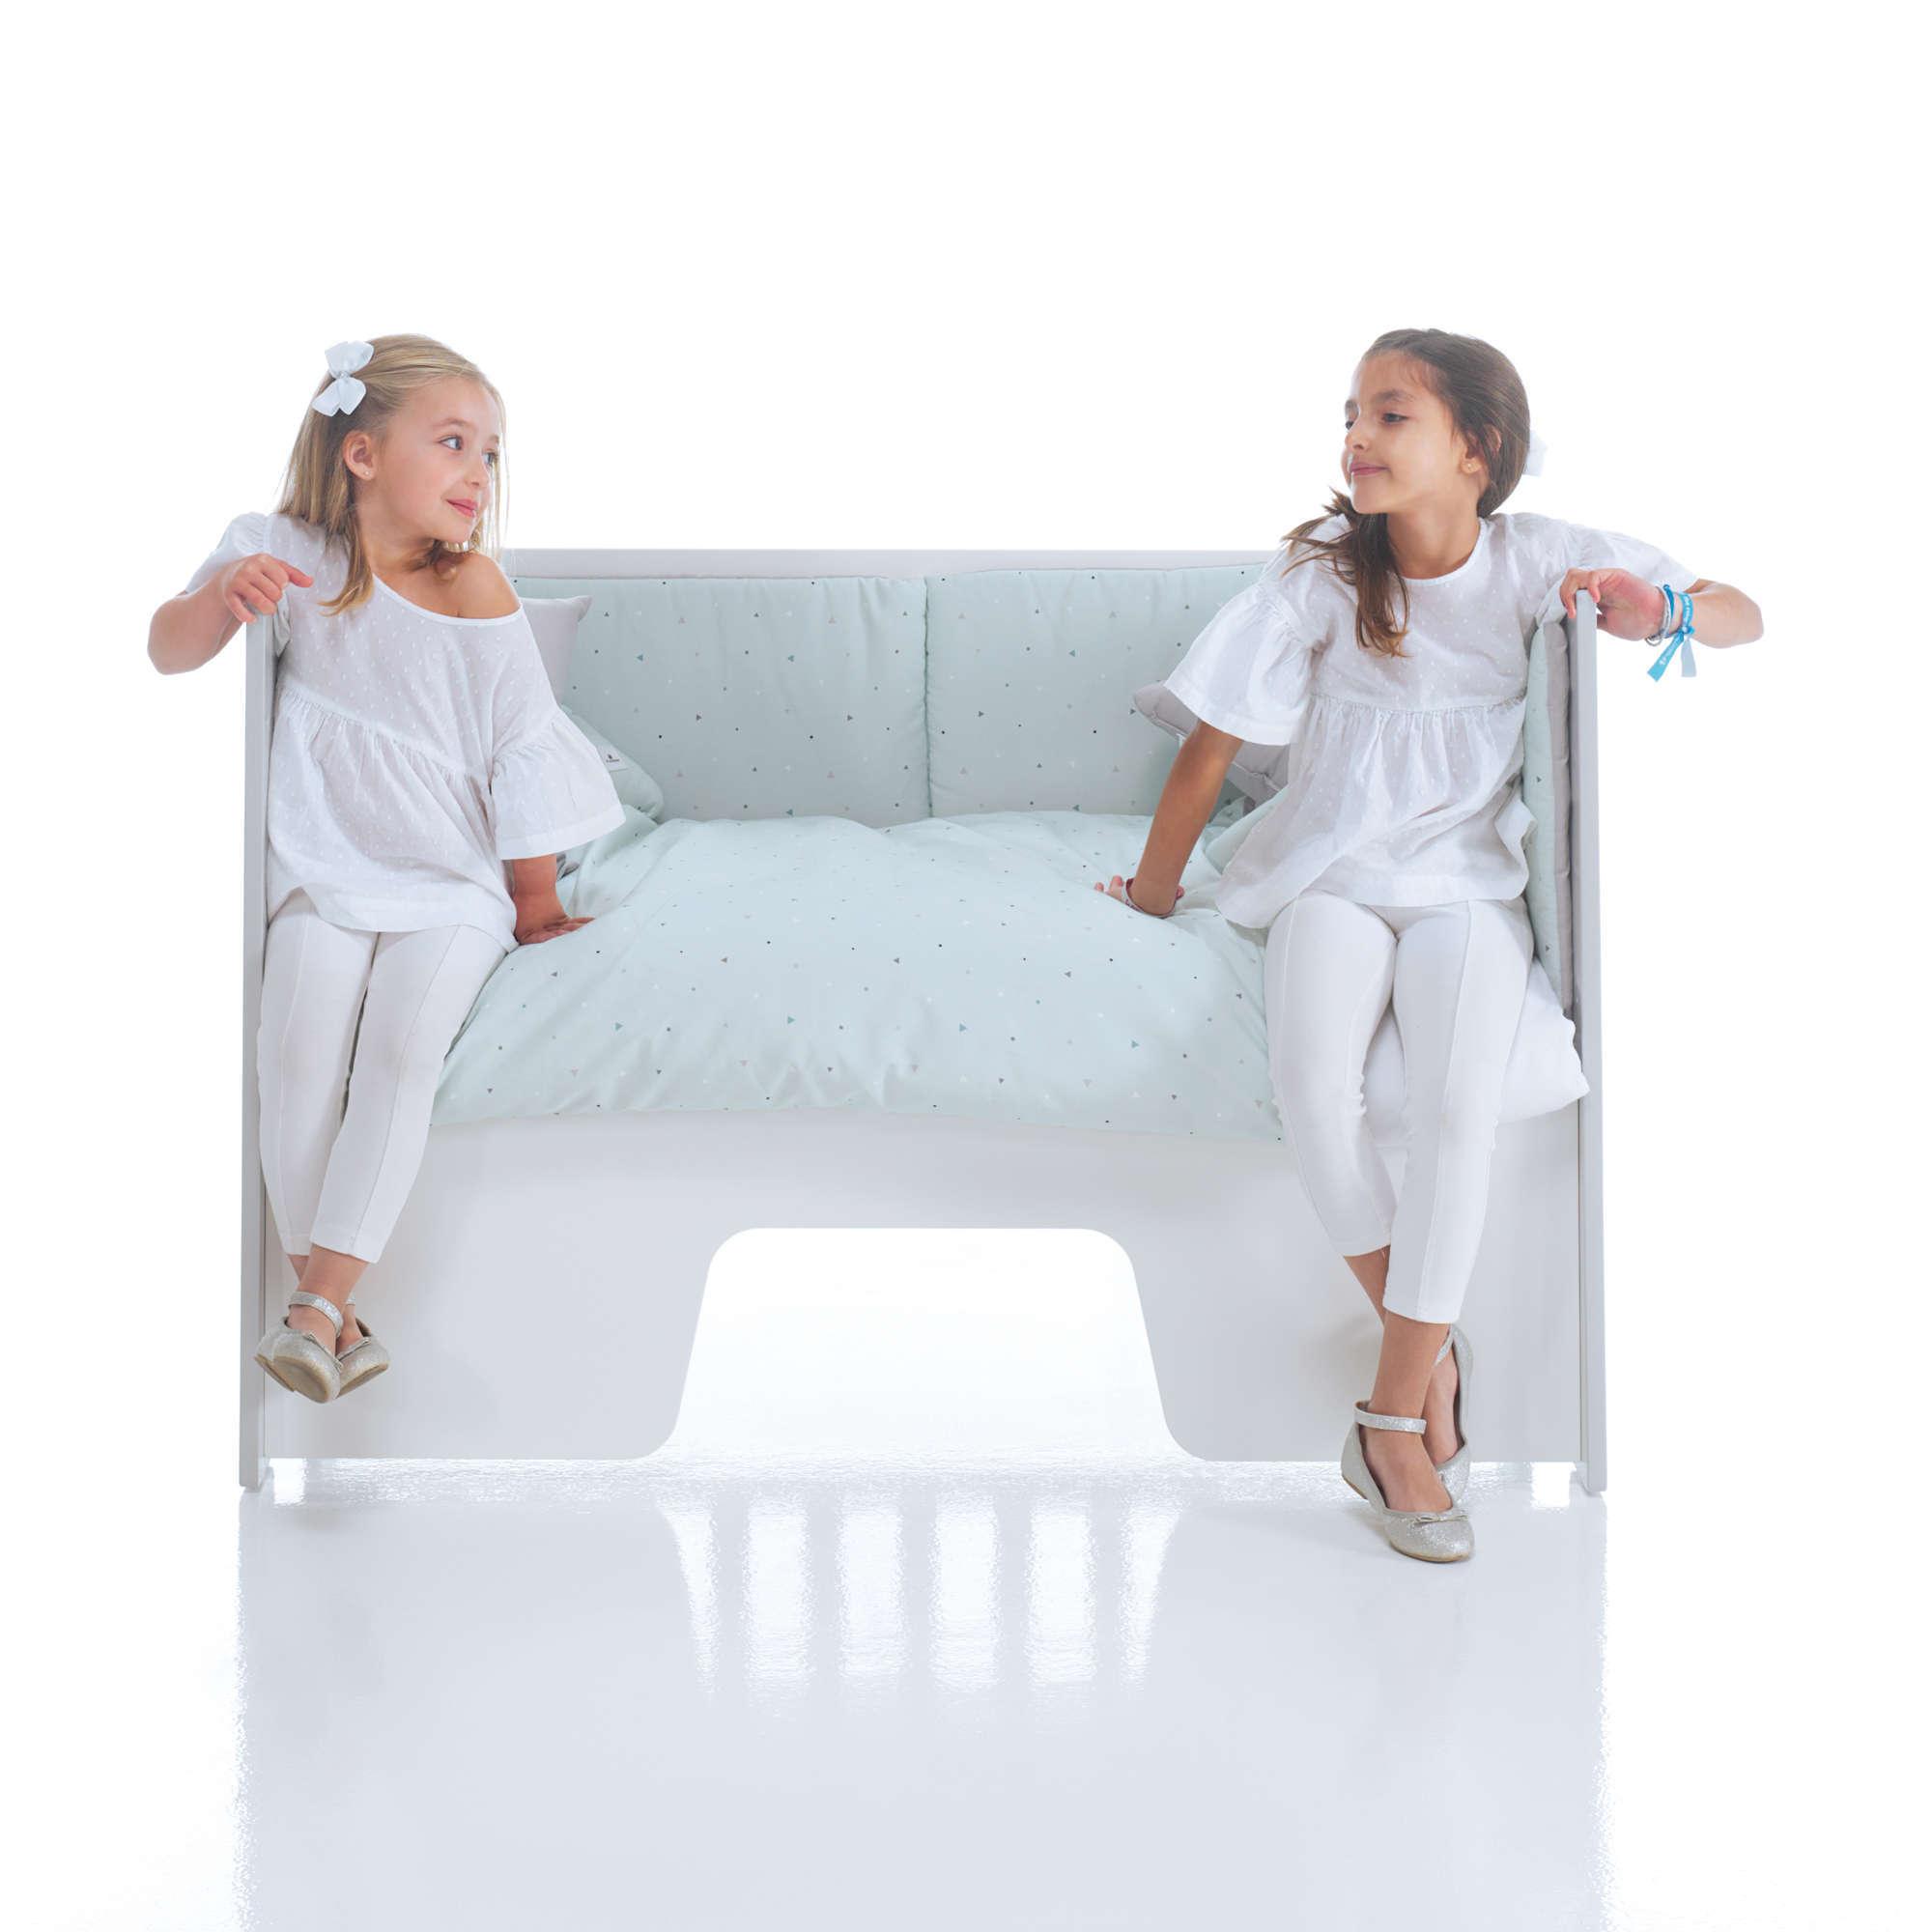 Cuna-sofá Omni 5en1 60x120 Alondra